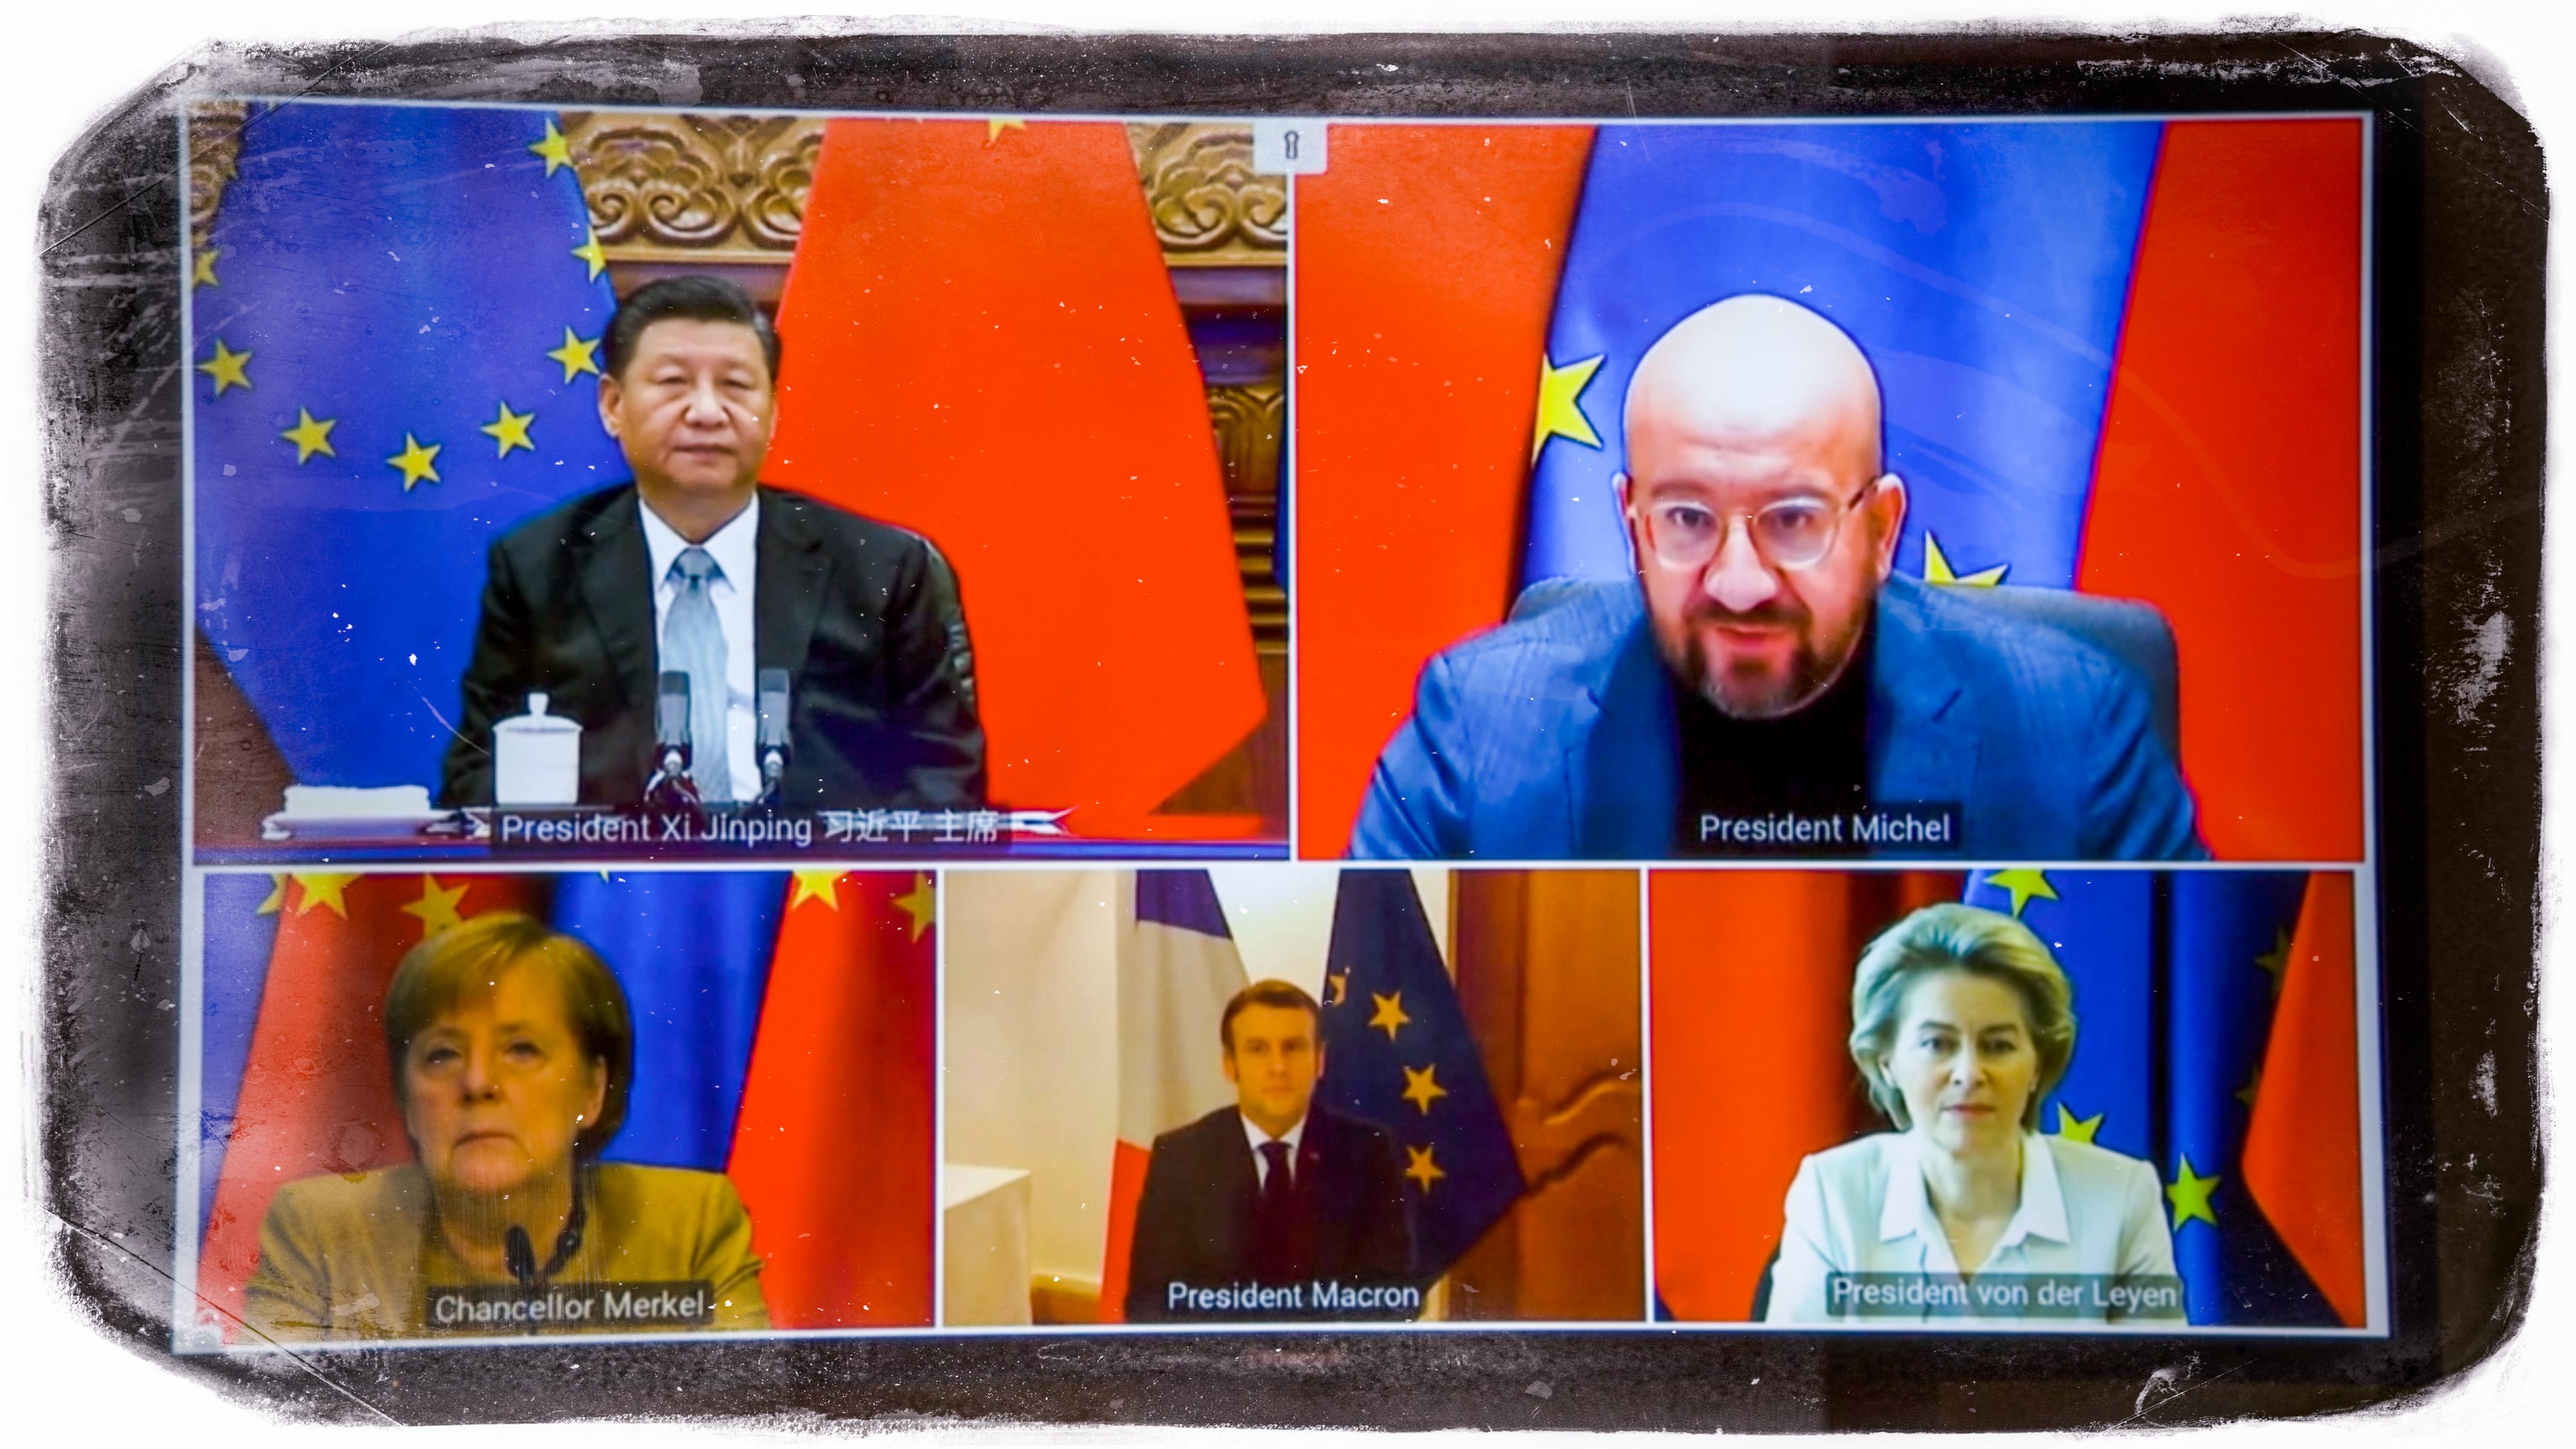 Peking és a német-francia ipar jól járhat a kínai-uniós gazdasági megállapodással, de az EU haszna kérdéses maradt